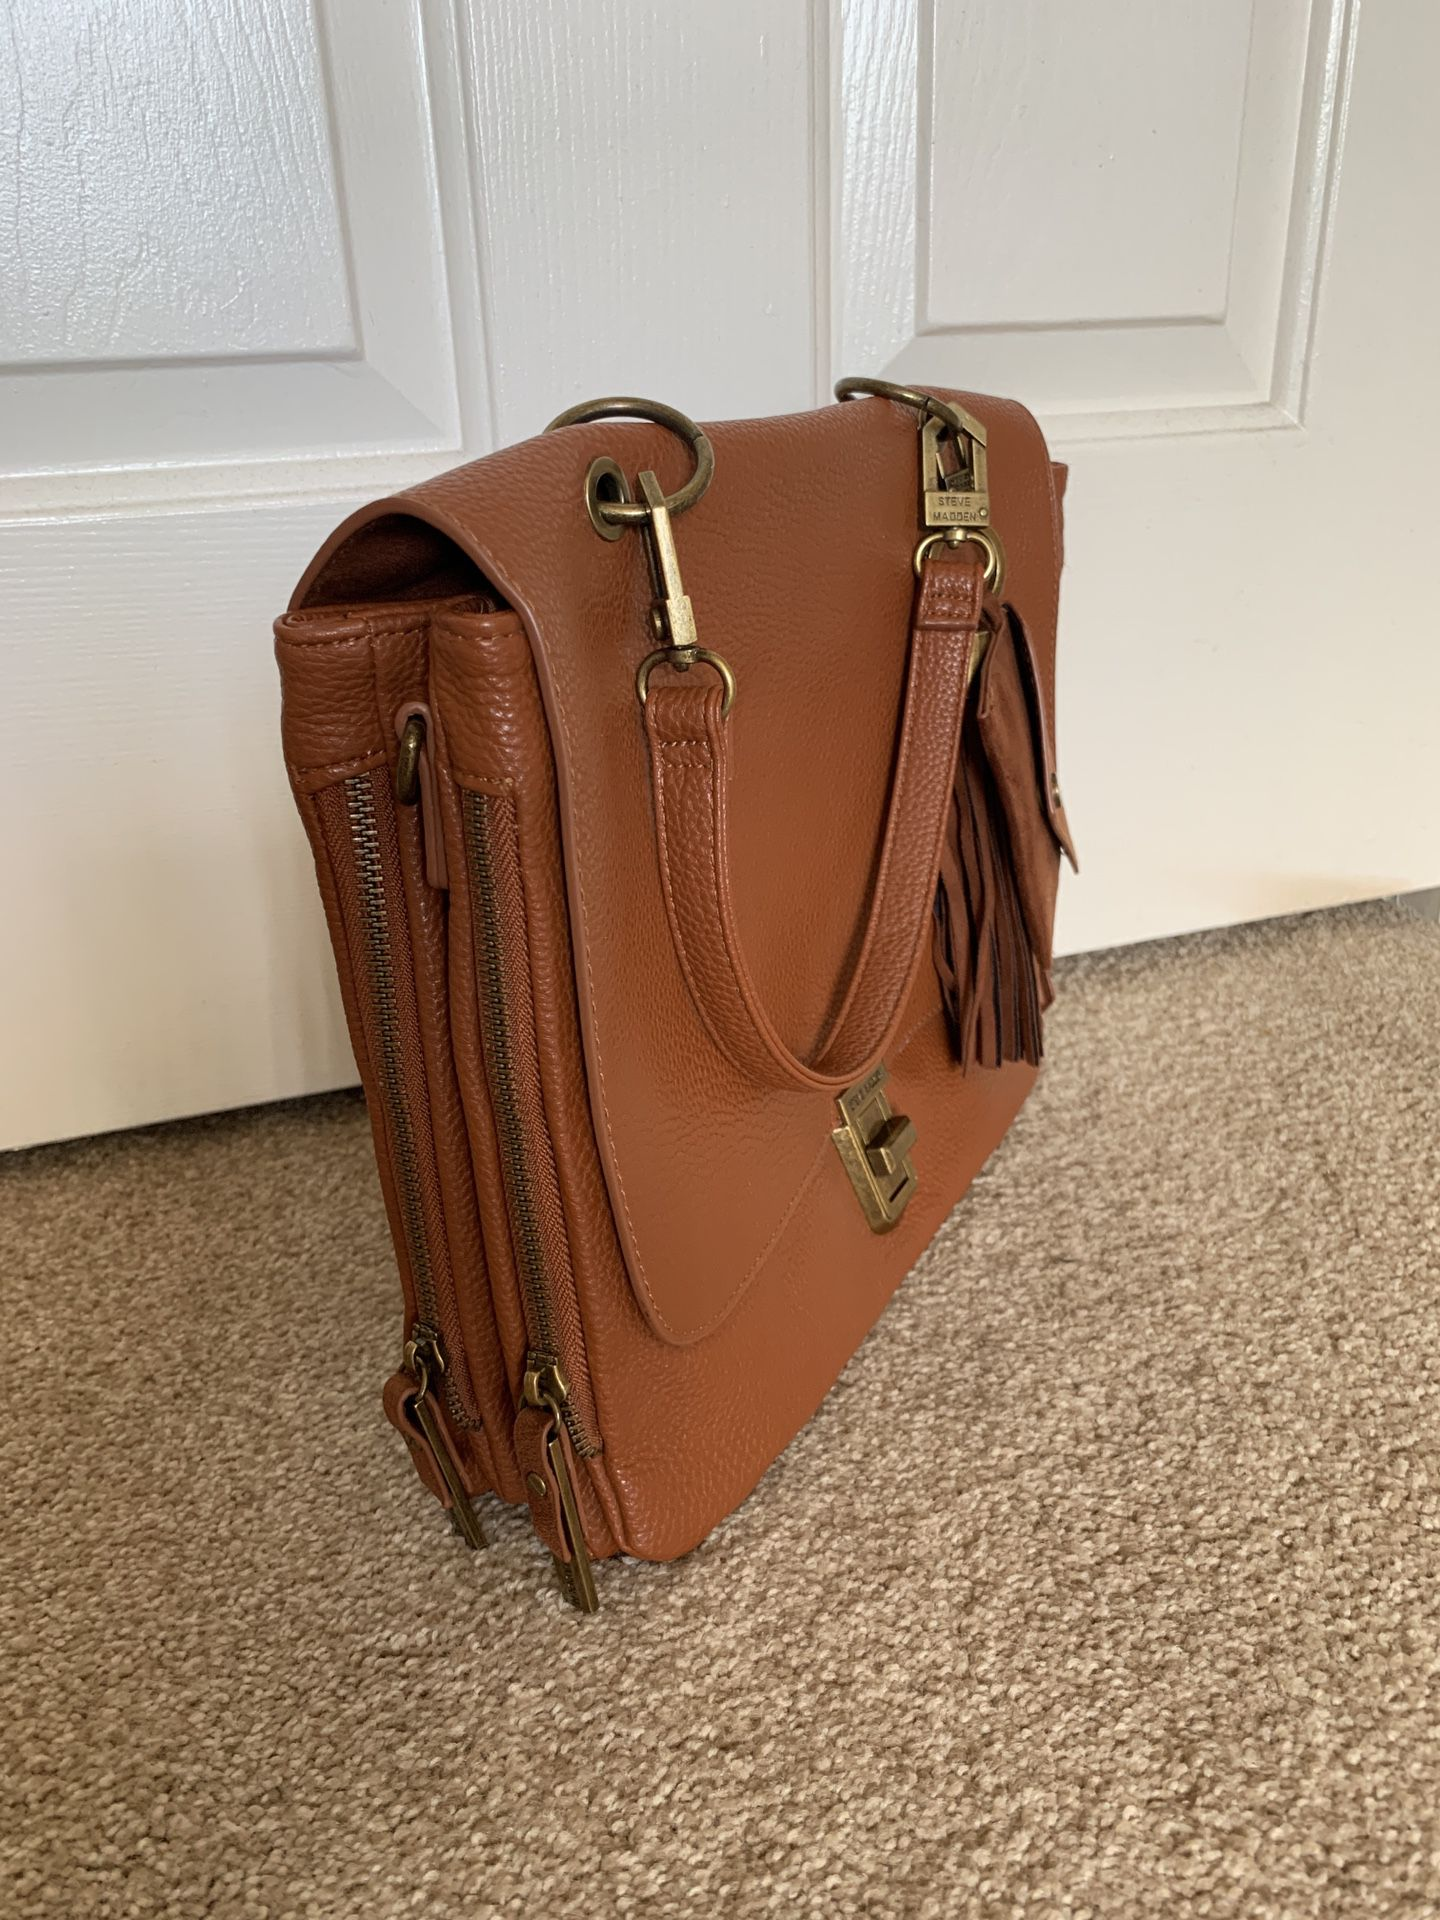 Steve Madden Handbag: messenger style, With Strap